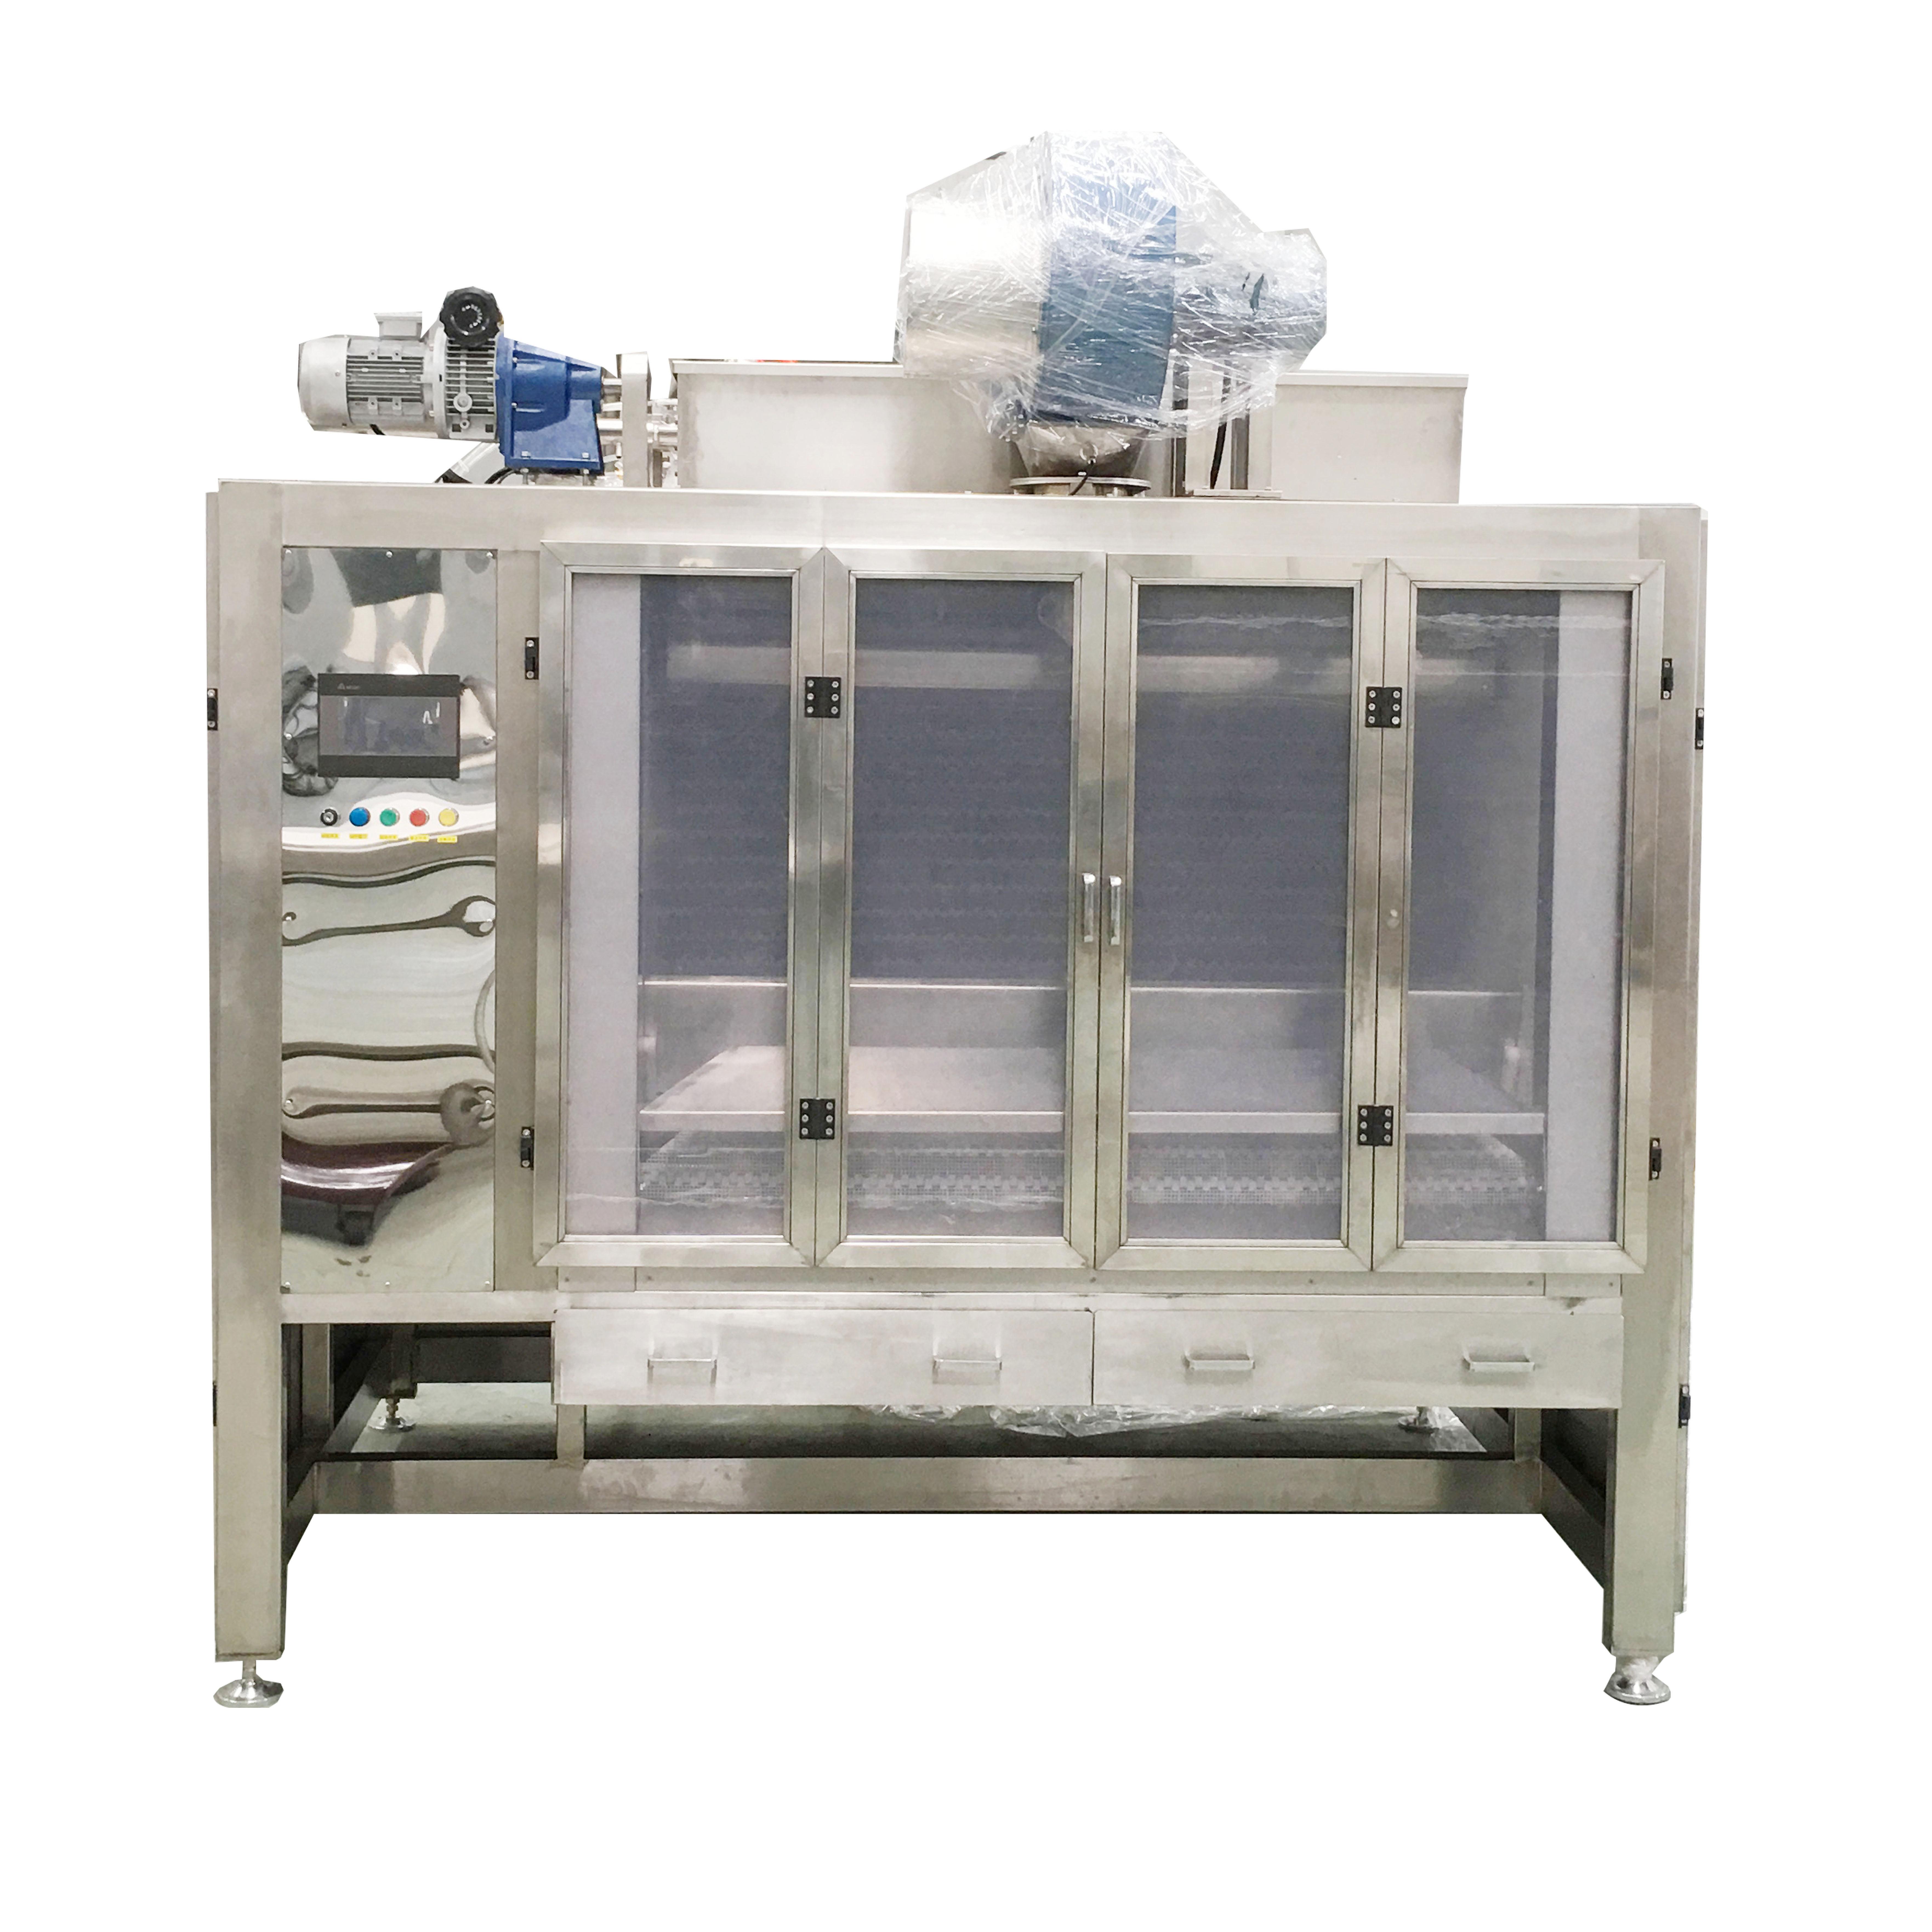 QPG多功能巧克力豆涂衣机